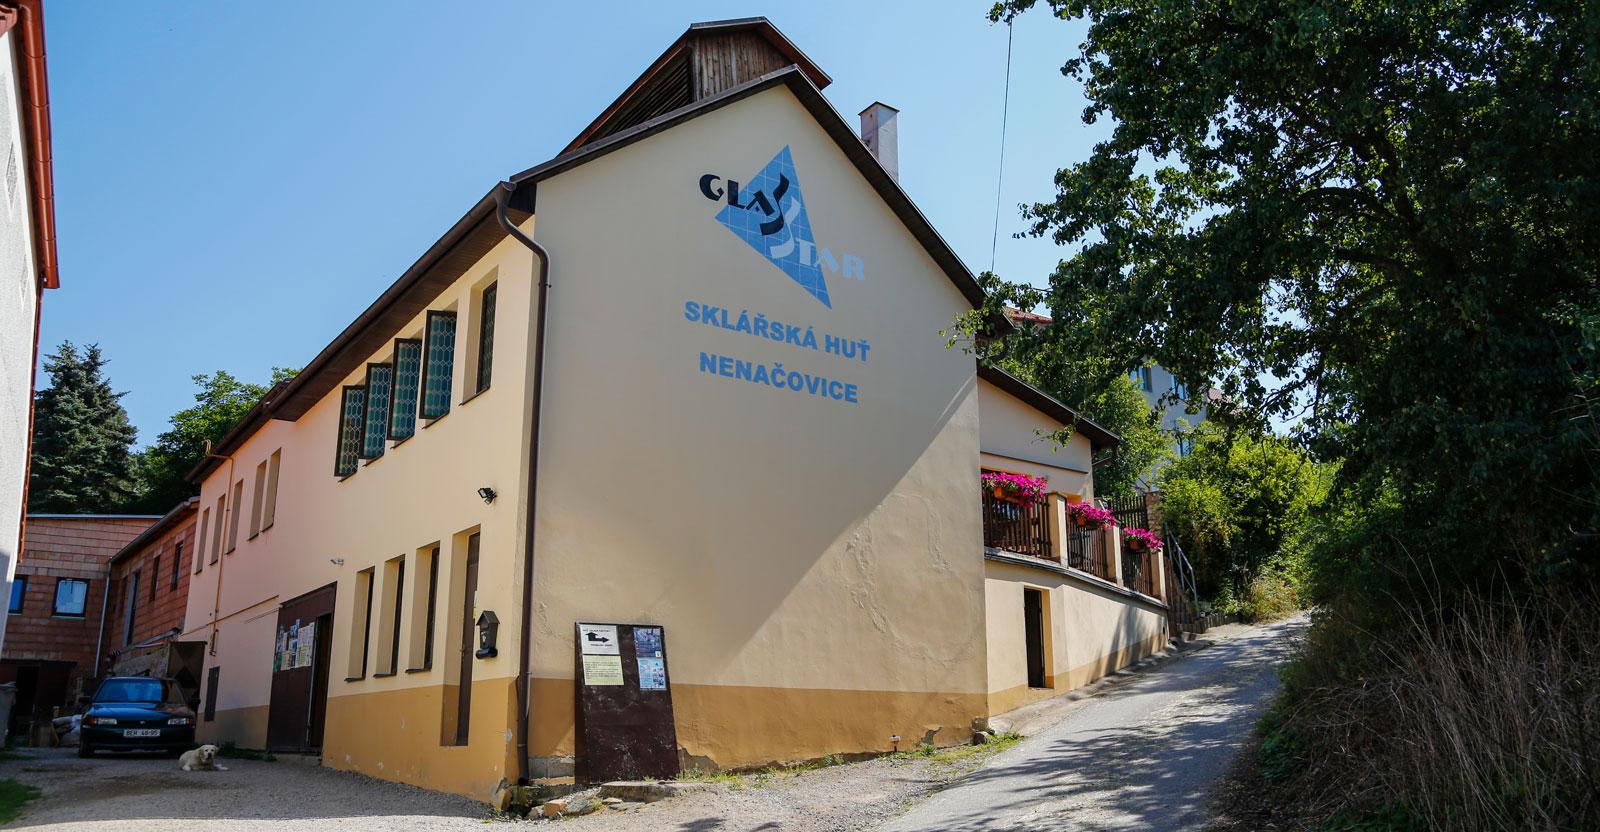 Glasbruket Nenacovice är väl värt ett besök för den som är intresserad.